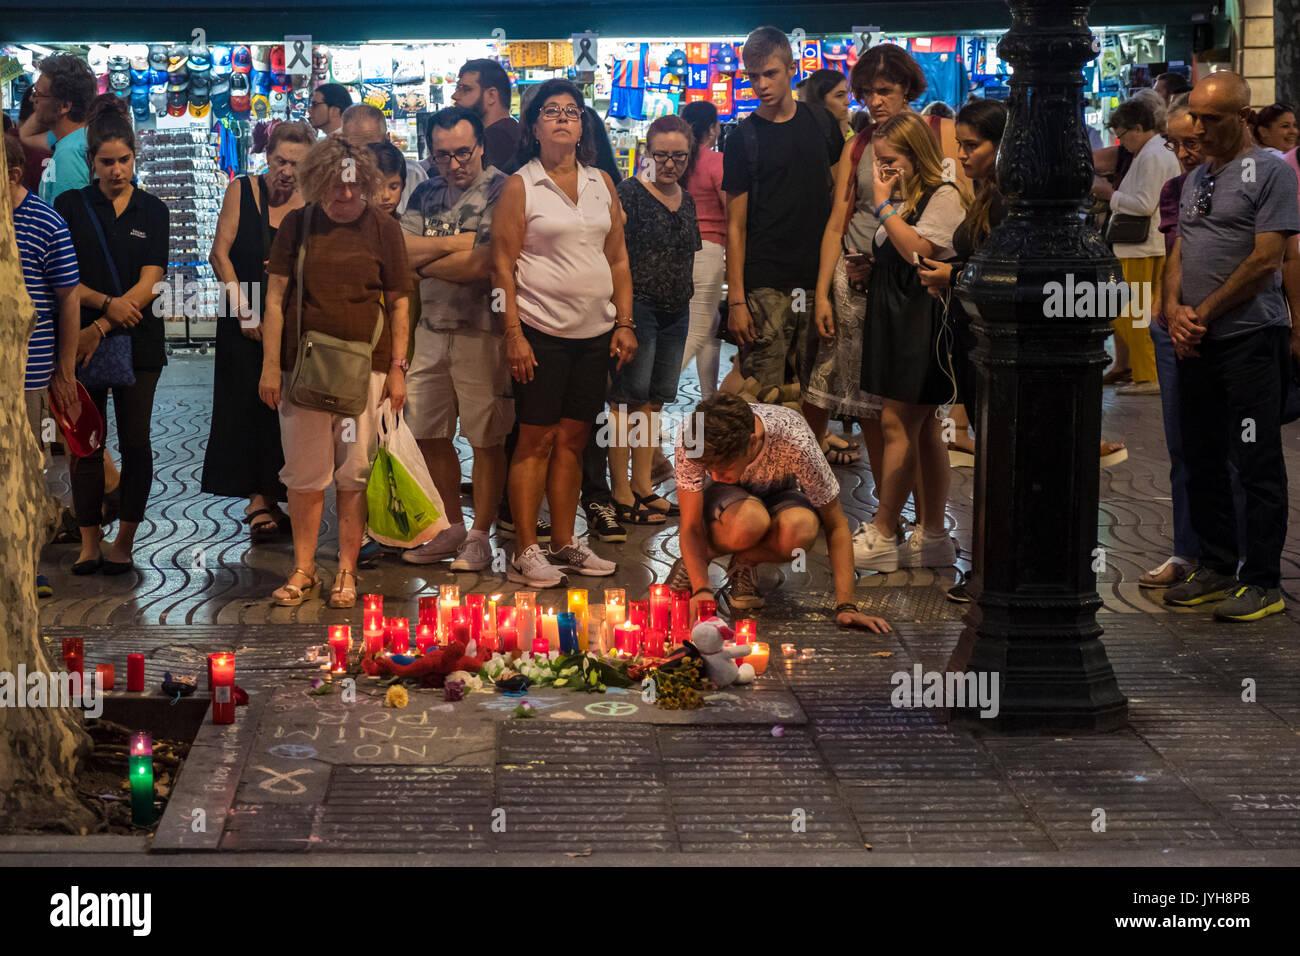 Barcelona, Espanha. 19 ago, 2017. Em 19 de Agosto de 2017 a cidade de Barcelona sofreu o ataque terrorista ISIS, Imagens de Stock